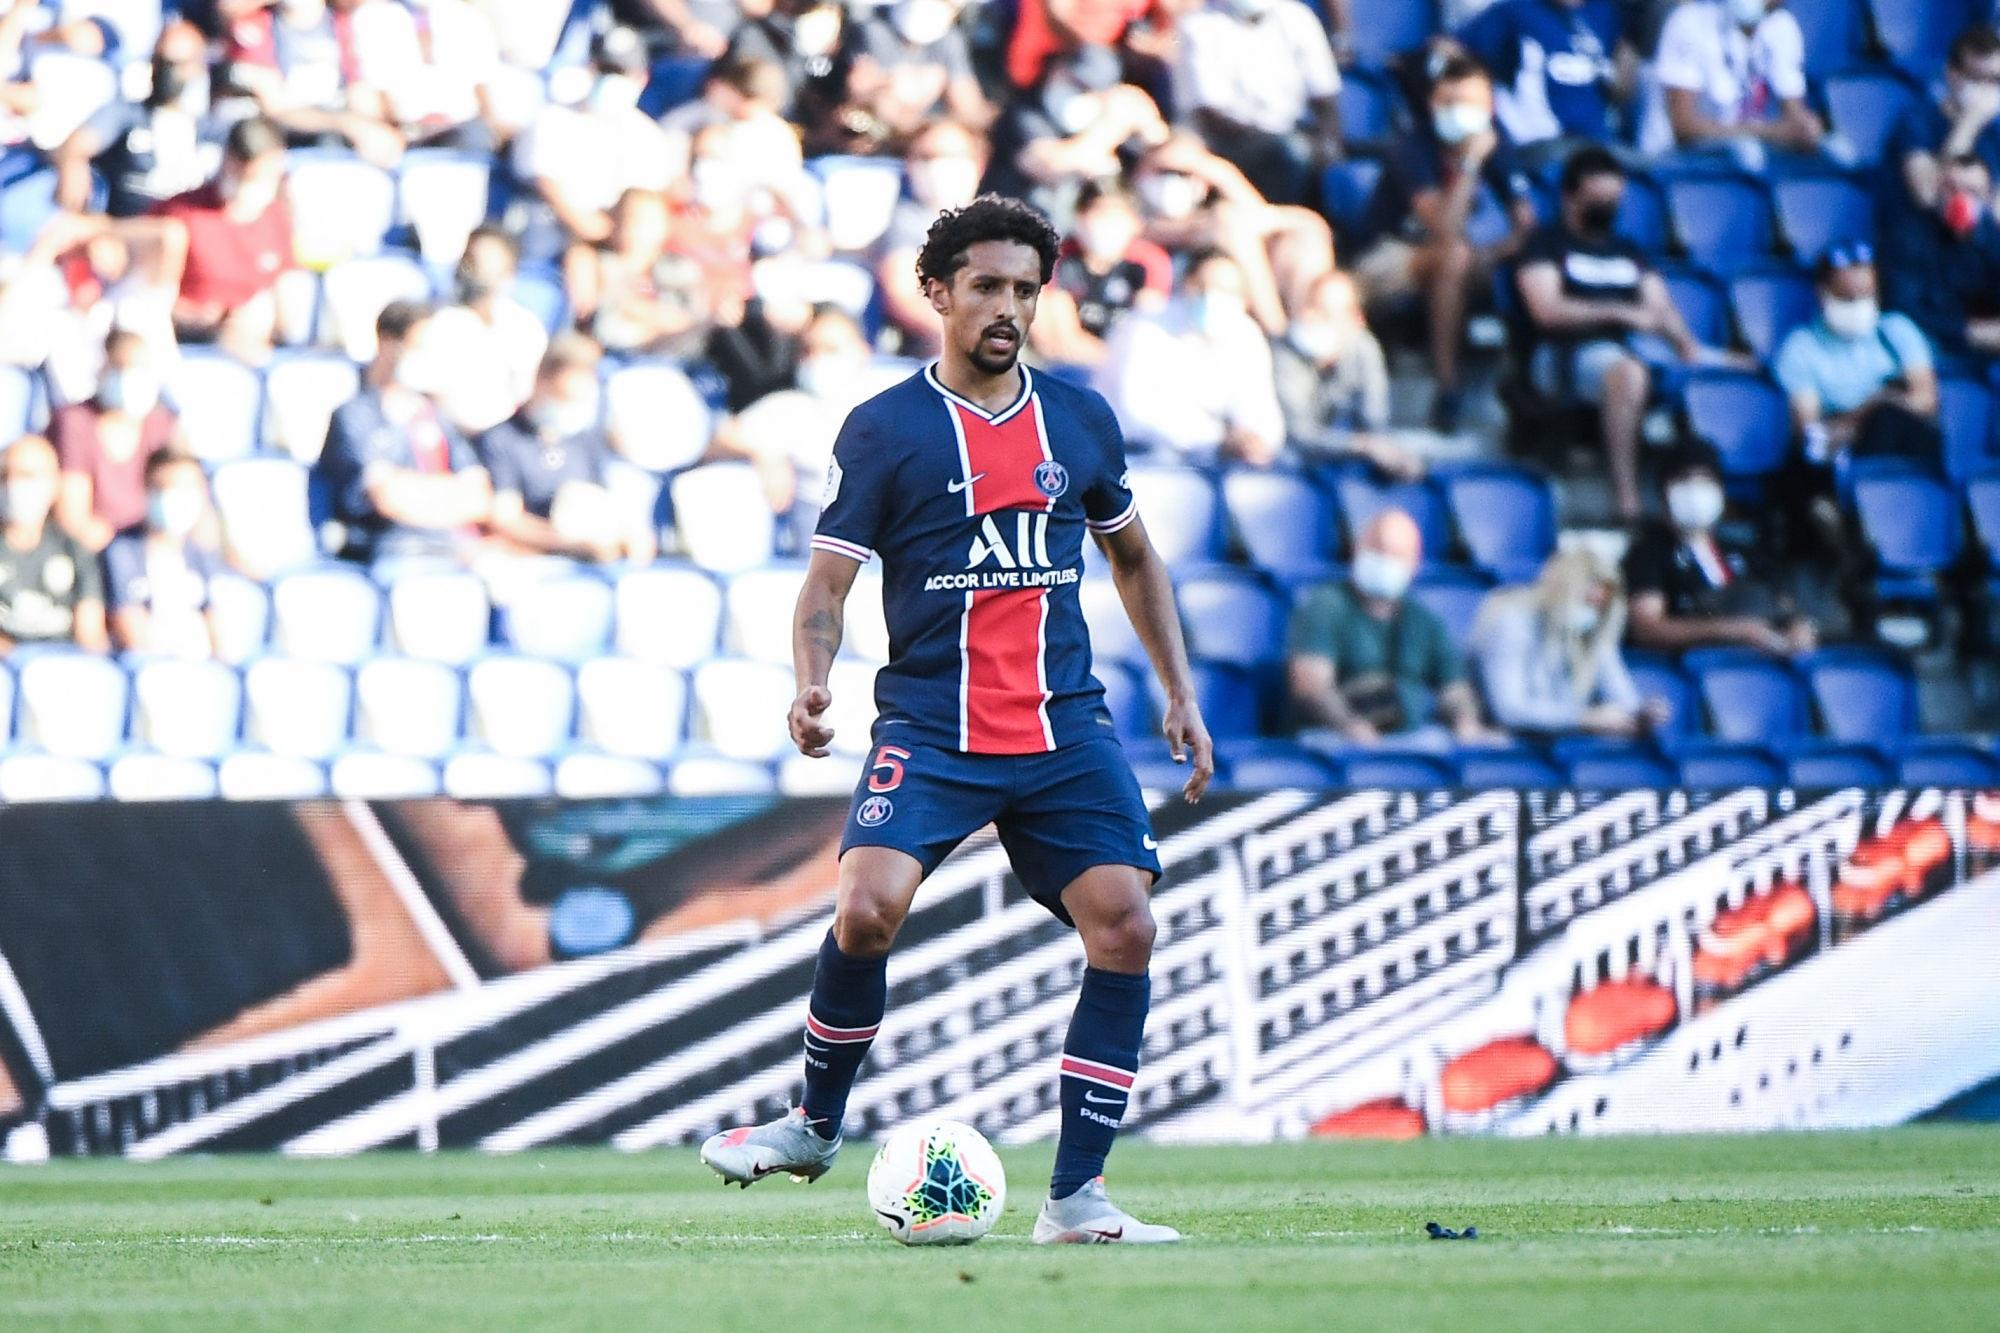 PSG/Dijon - Marquinhos au milieu et Danilo en défense, selon L'Equipe